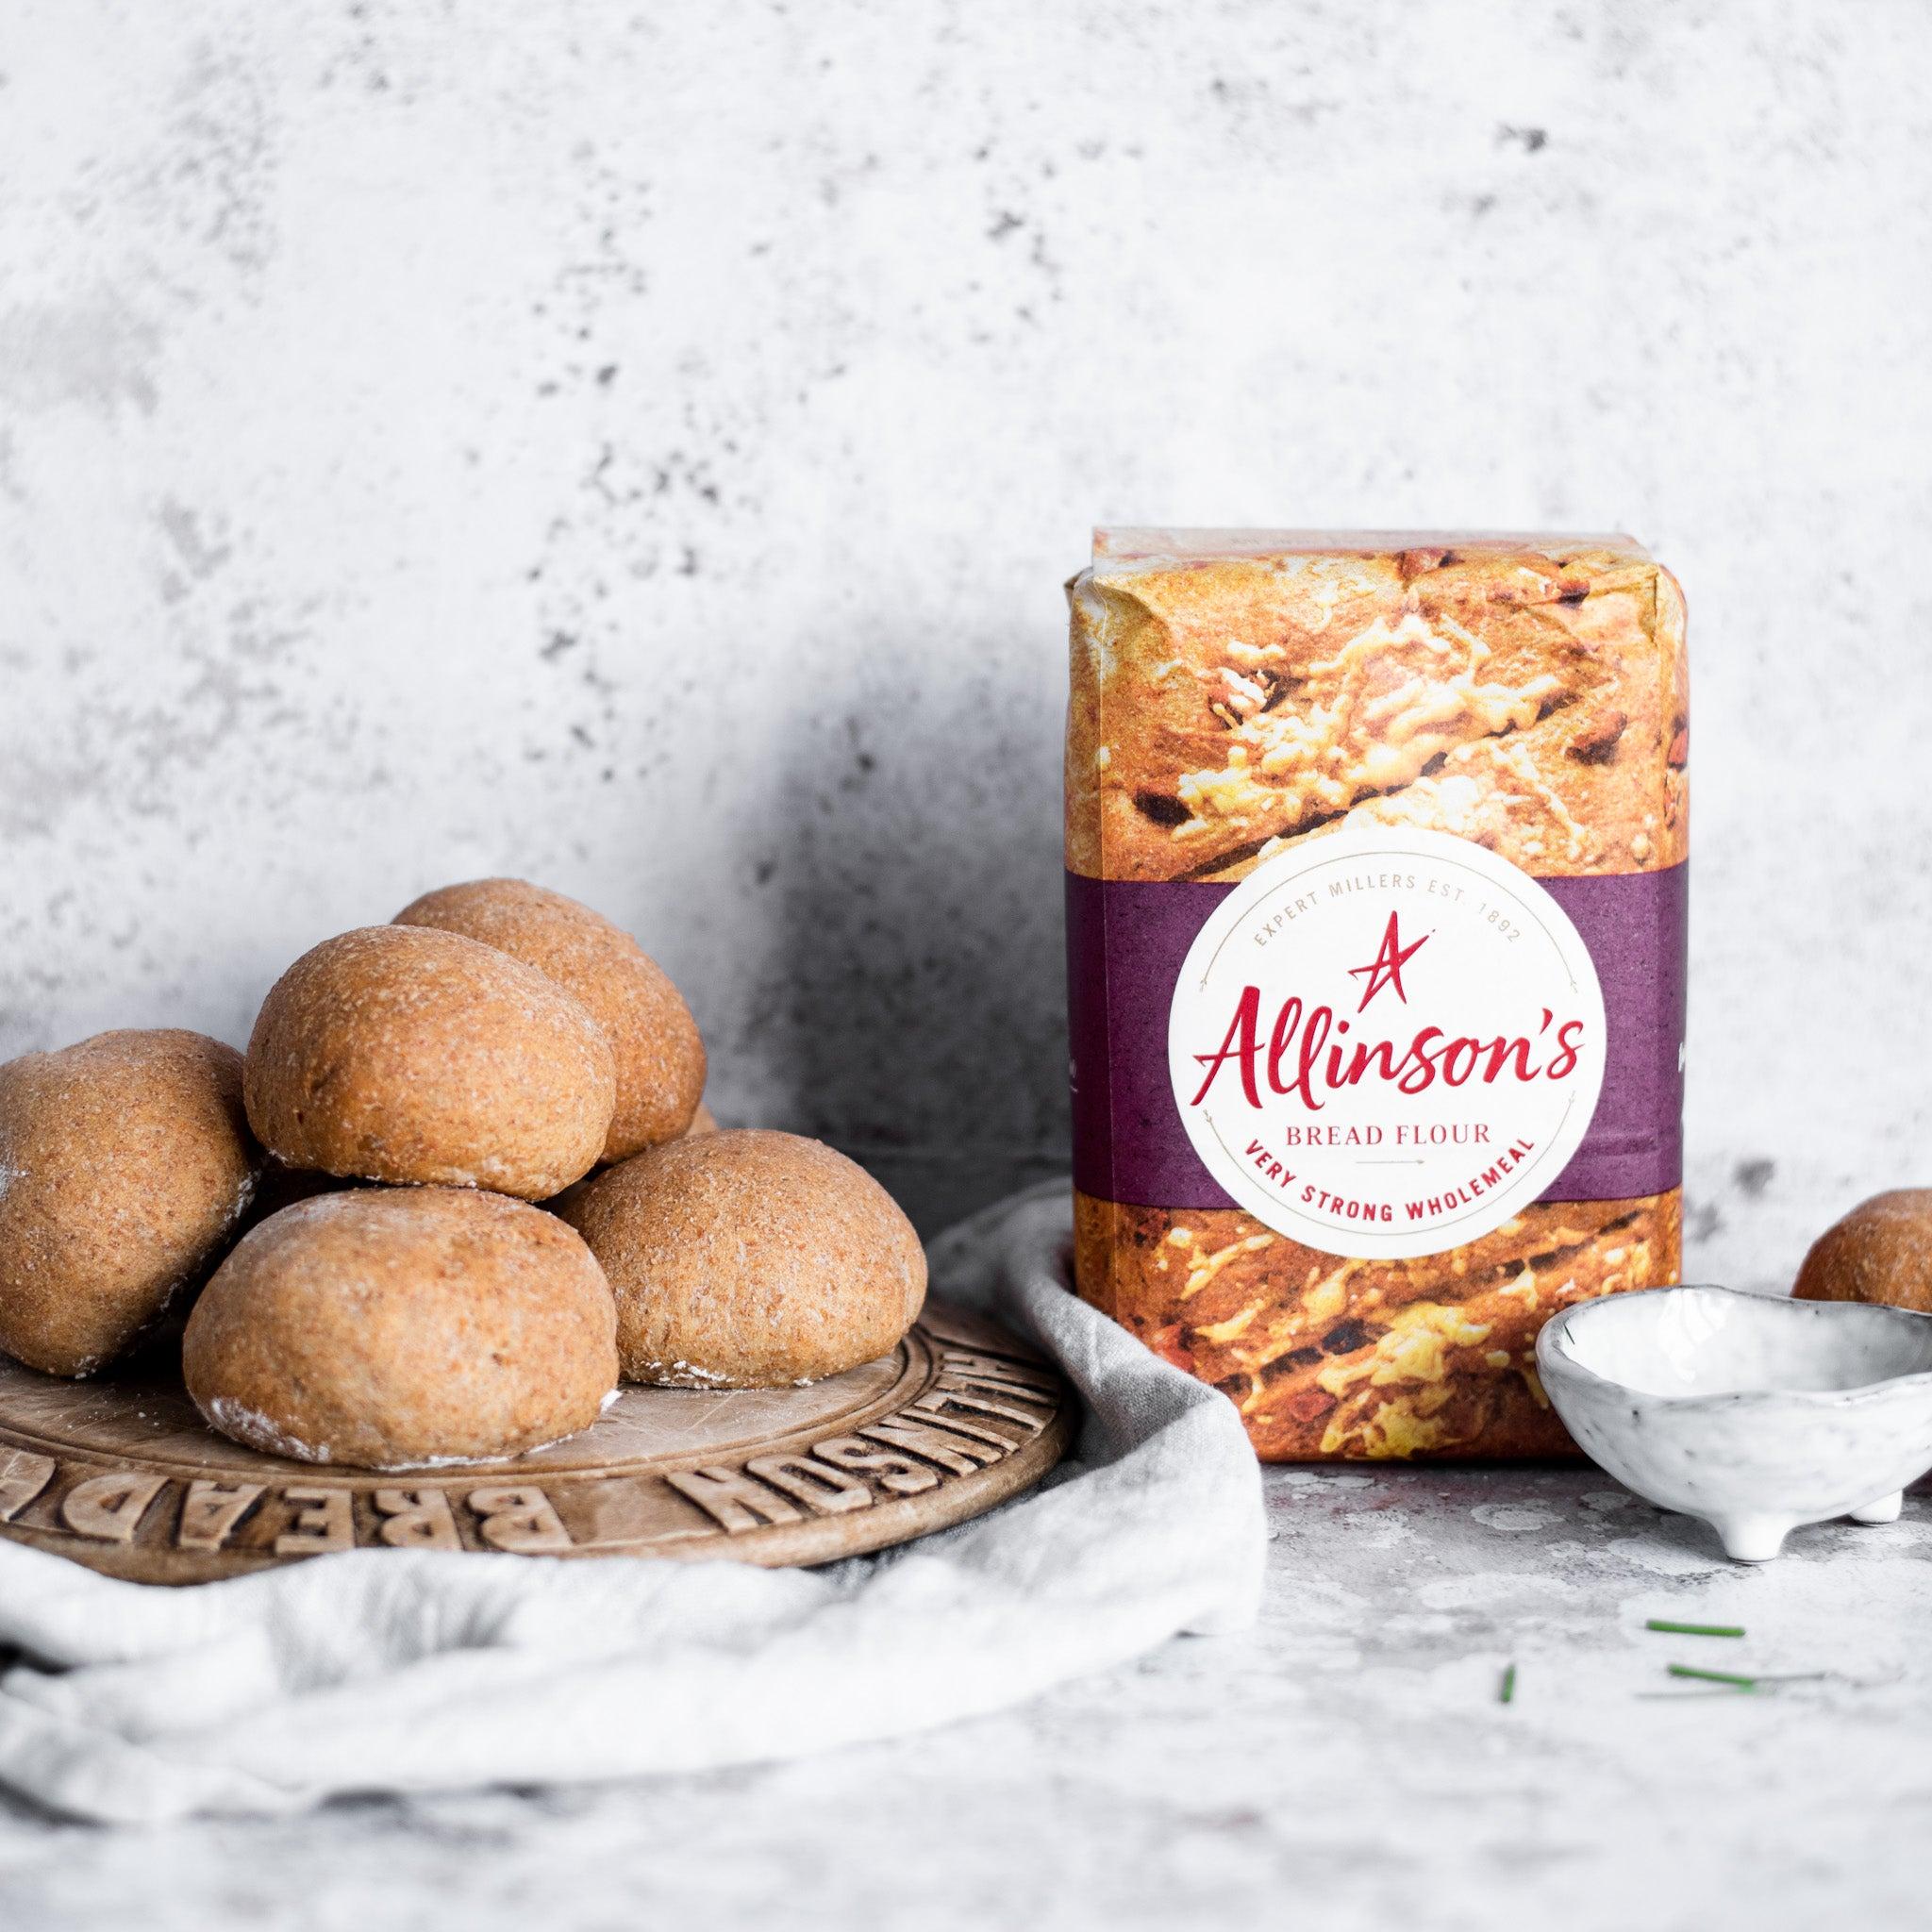 Wholemeal-Bread-Rolls-by-Allinson-s-(3).jpg